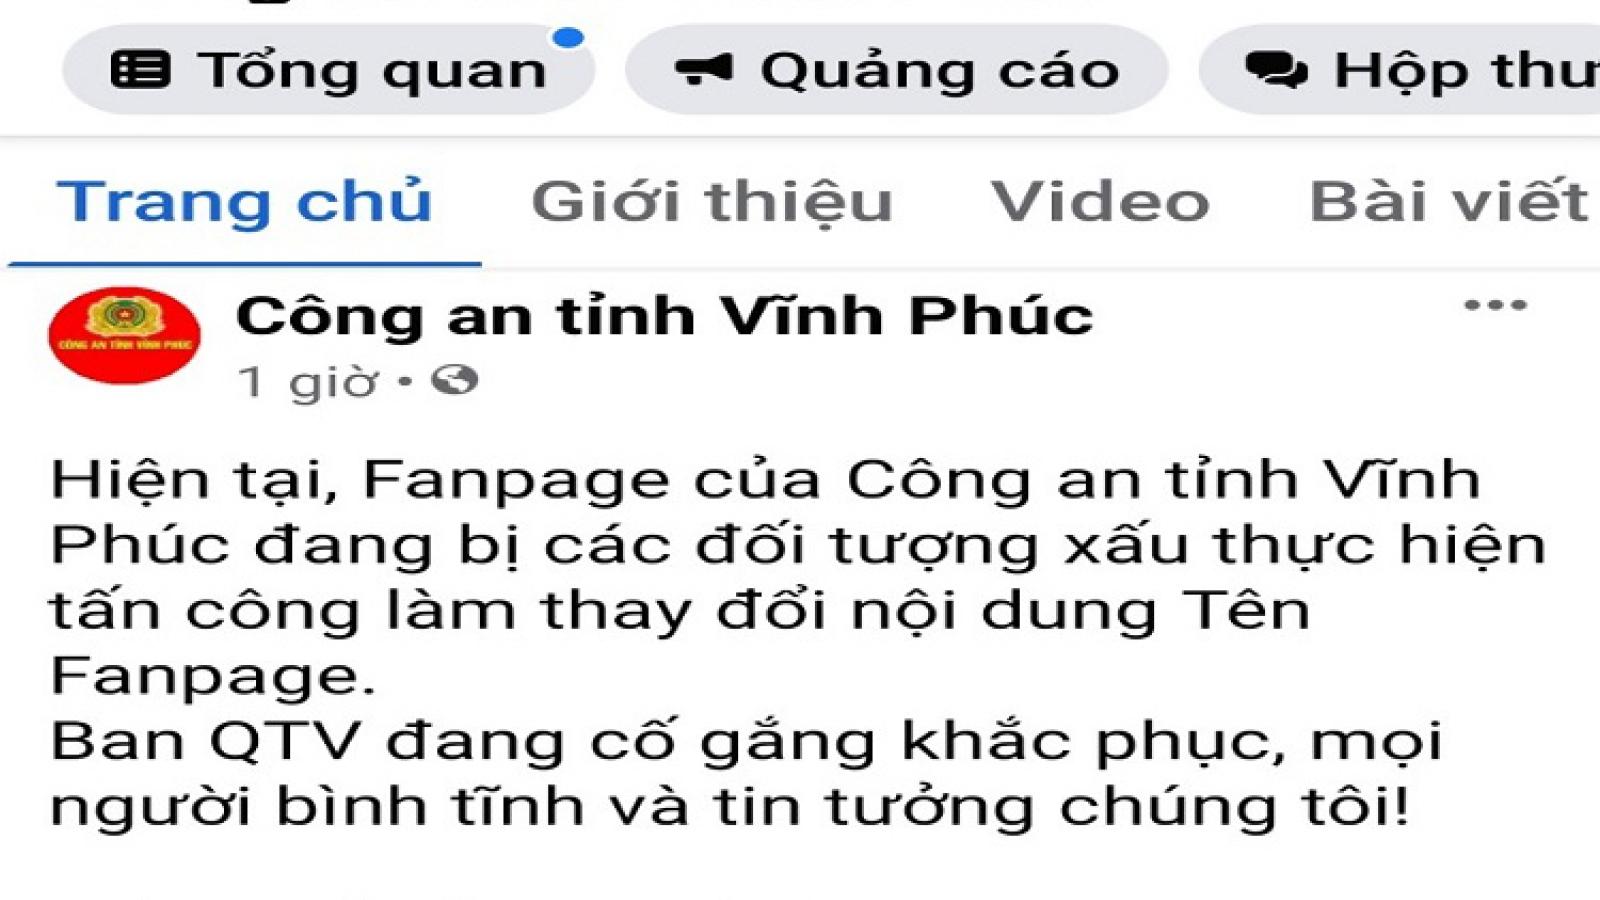 Xác định hacker tấn công Fanpage của Công an tỉnh Vĩnh Phúc